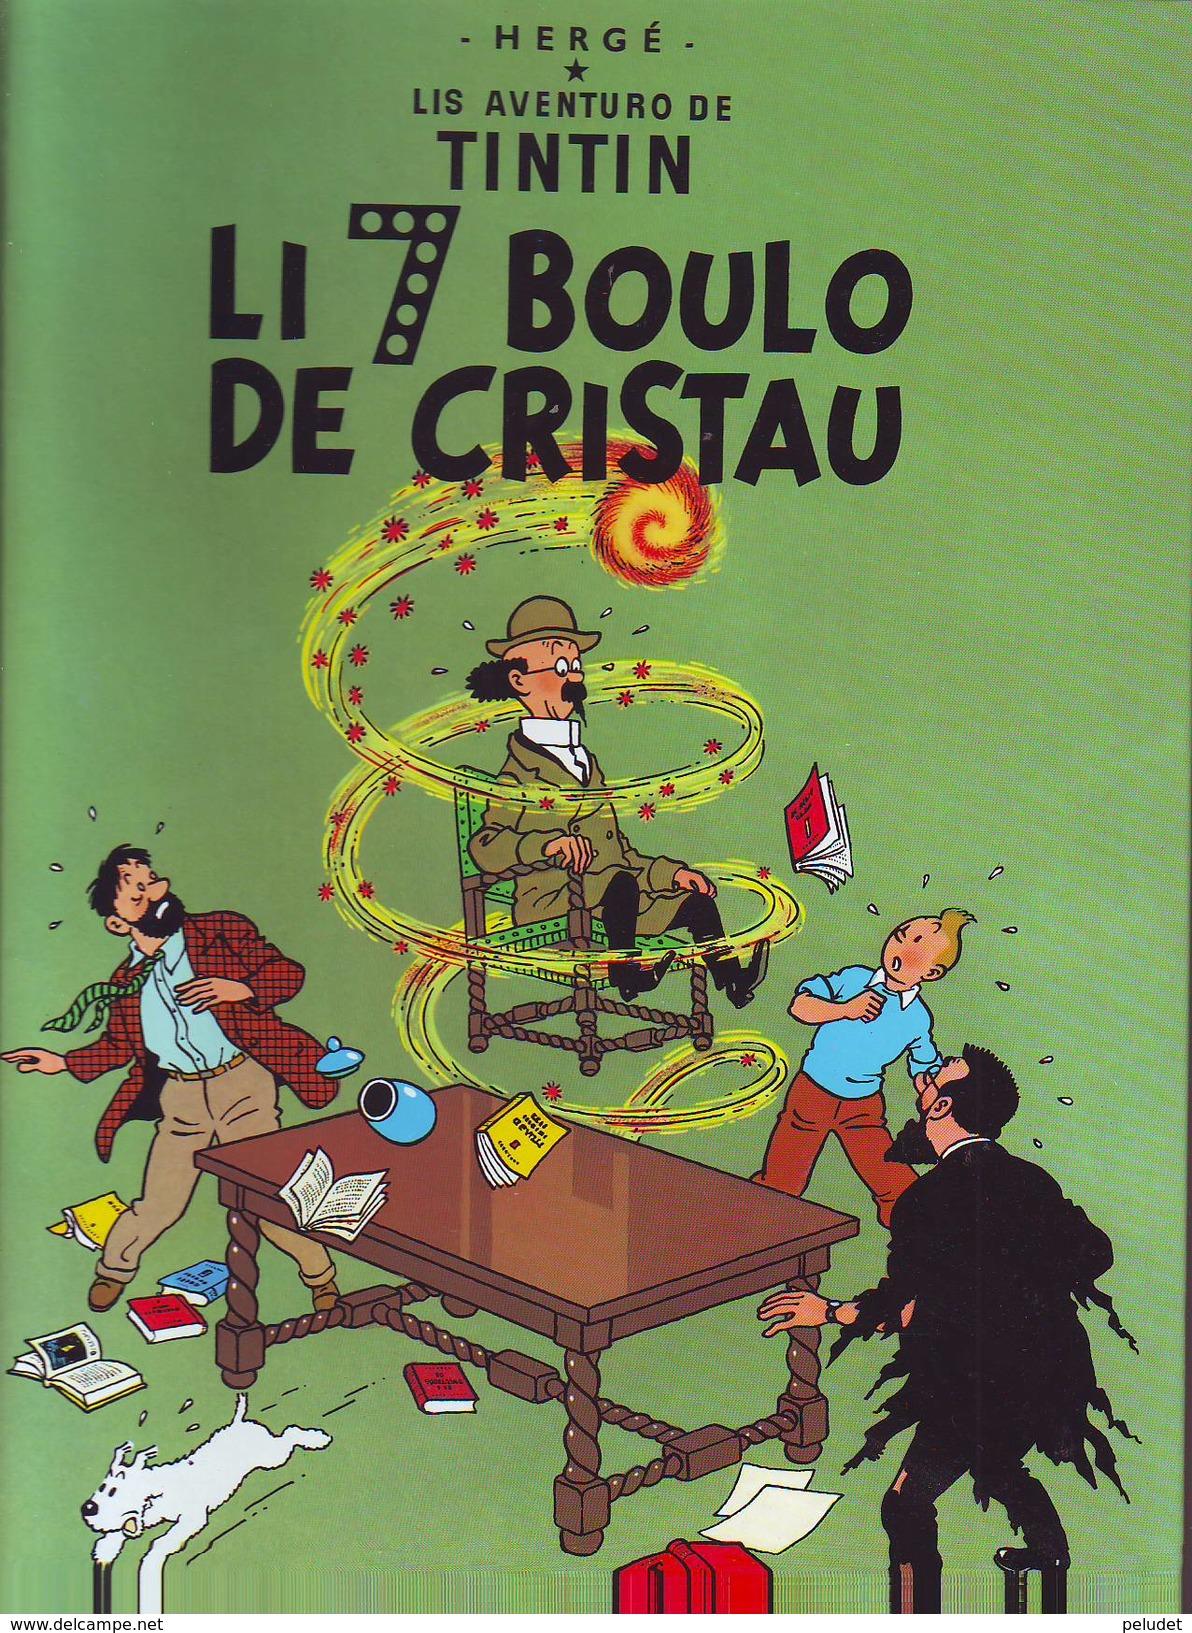 TINTIN - LI 7 BOULO DE CRISTAU - 2004 - Langue Oc, Occitain, Oc Language, Occitan - Cómics (otros Lenguas)